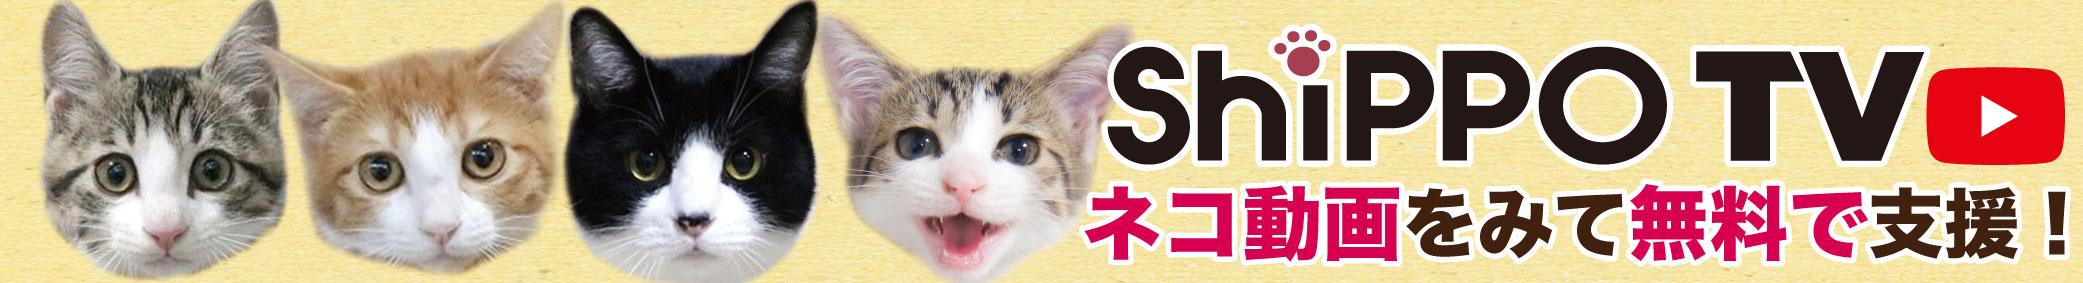 可愛い猫動画をみて無料で支援!ShippoTV